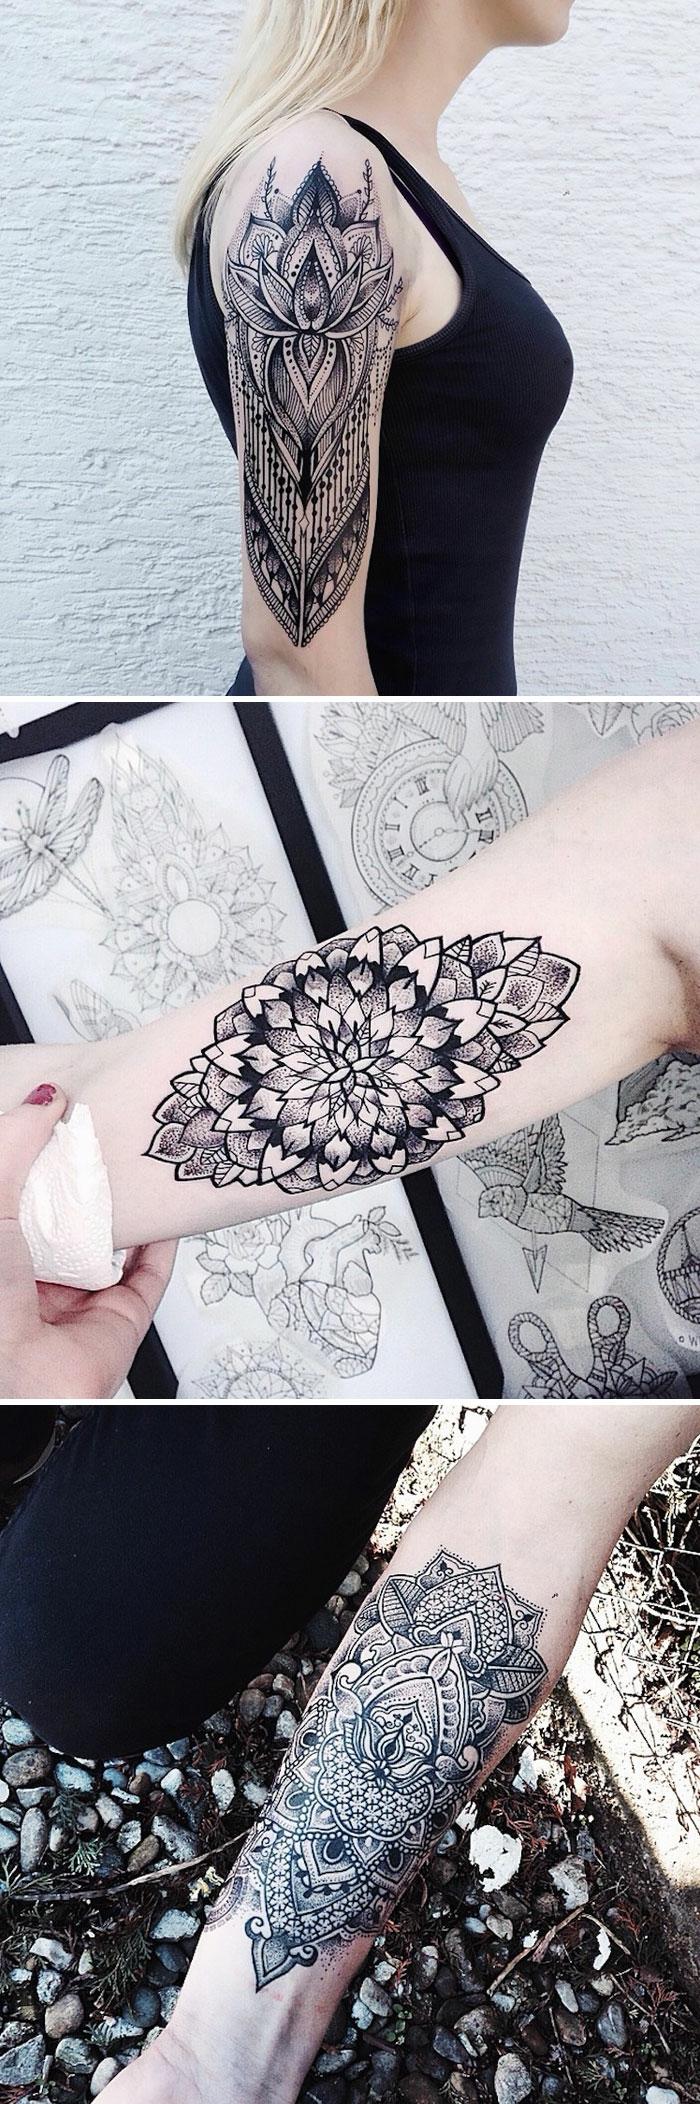 Image tatouage femme tatou pour femme choisir beauté